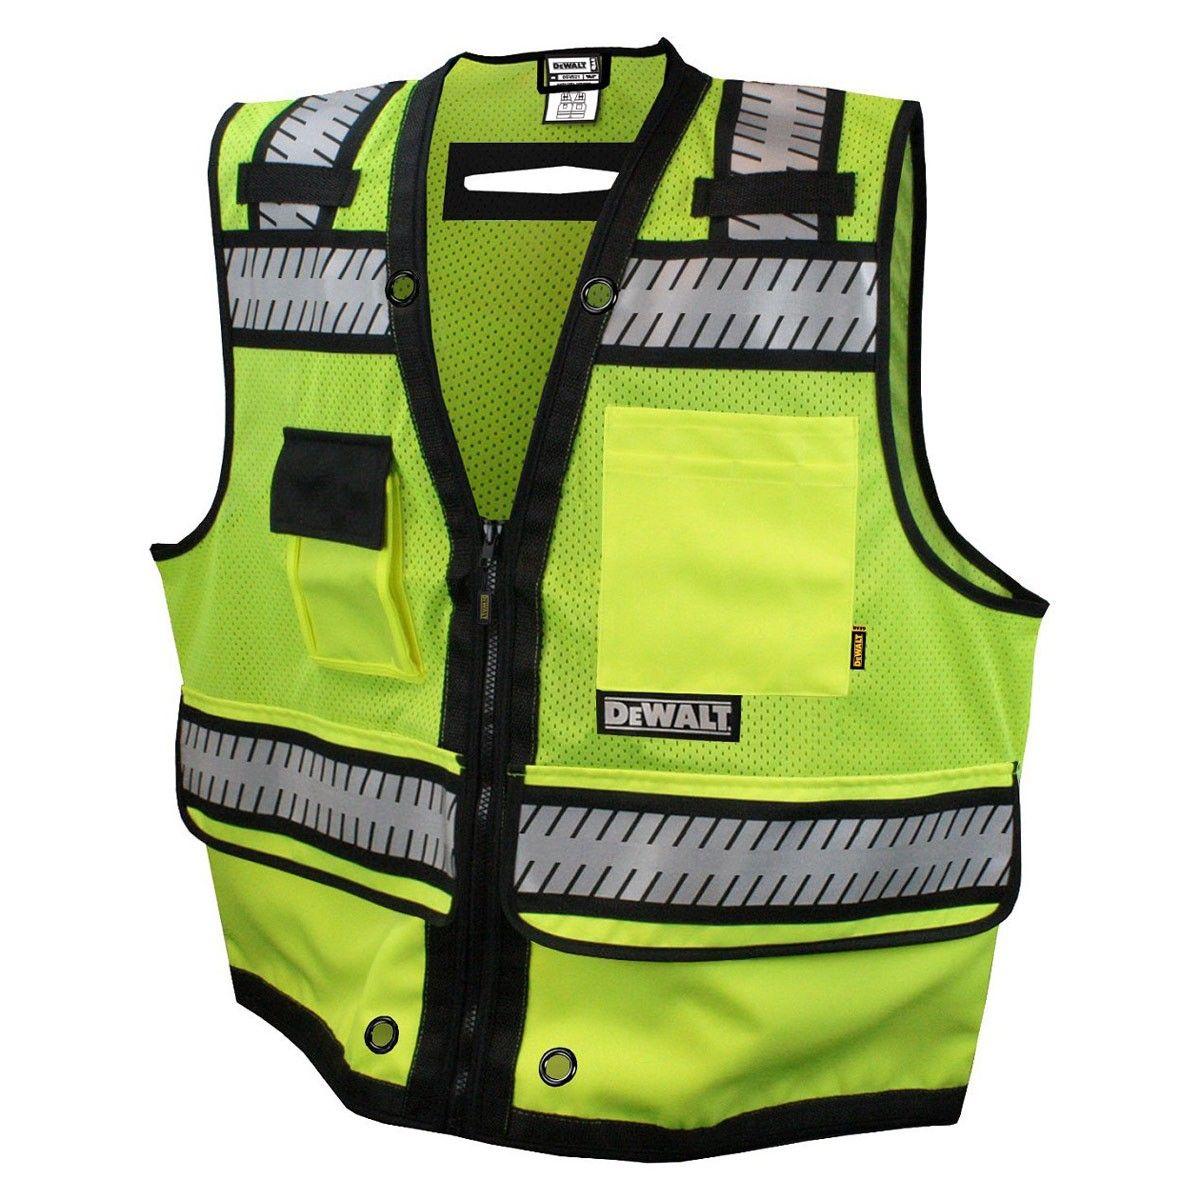 Dewalt Class 2 Heavy Duty Surveyor Vest